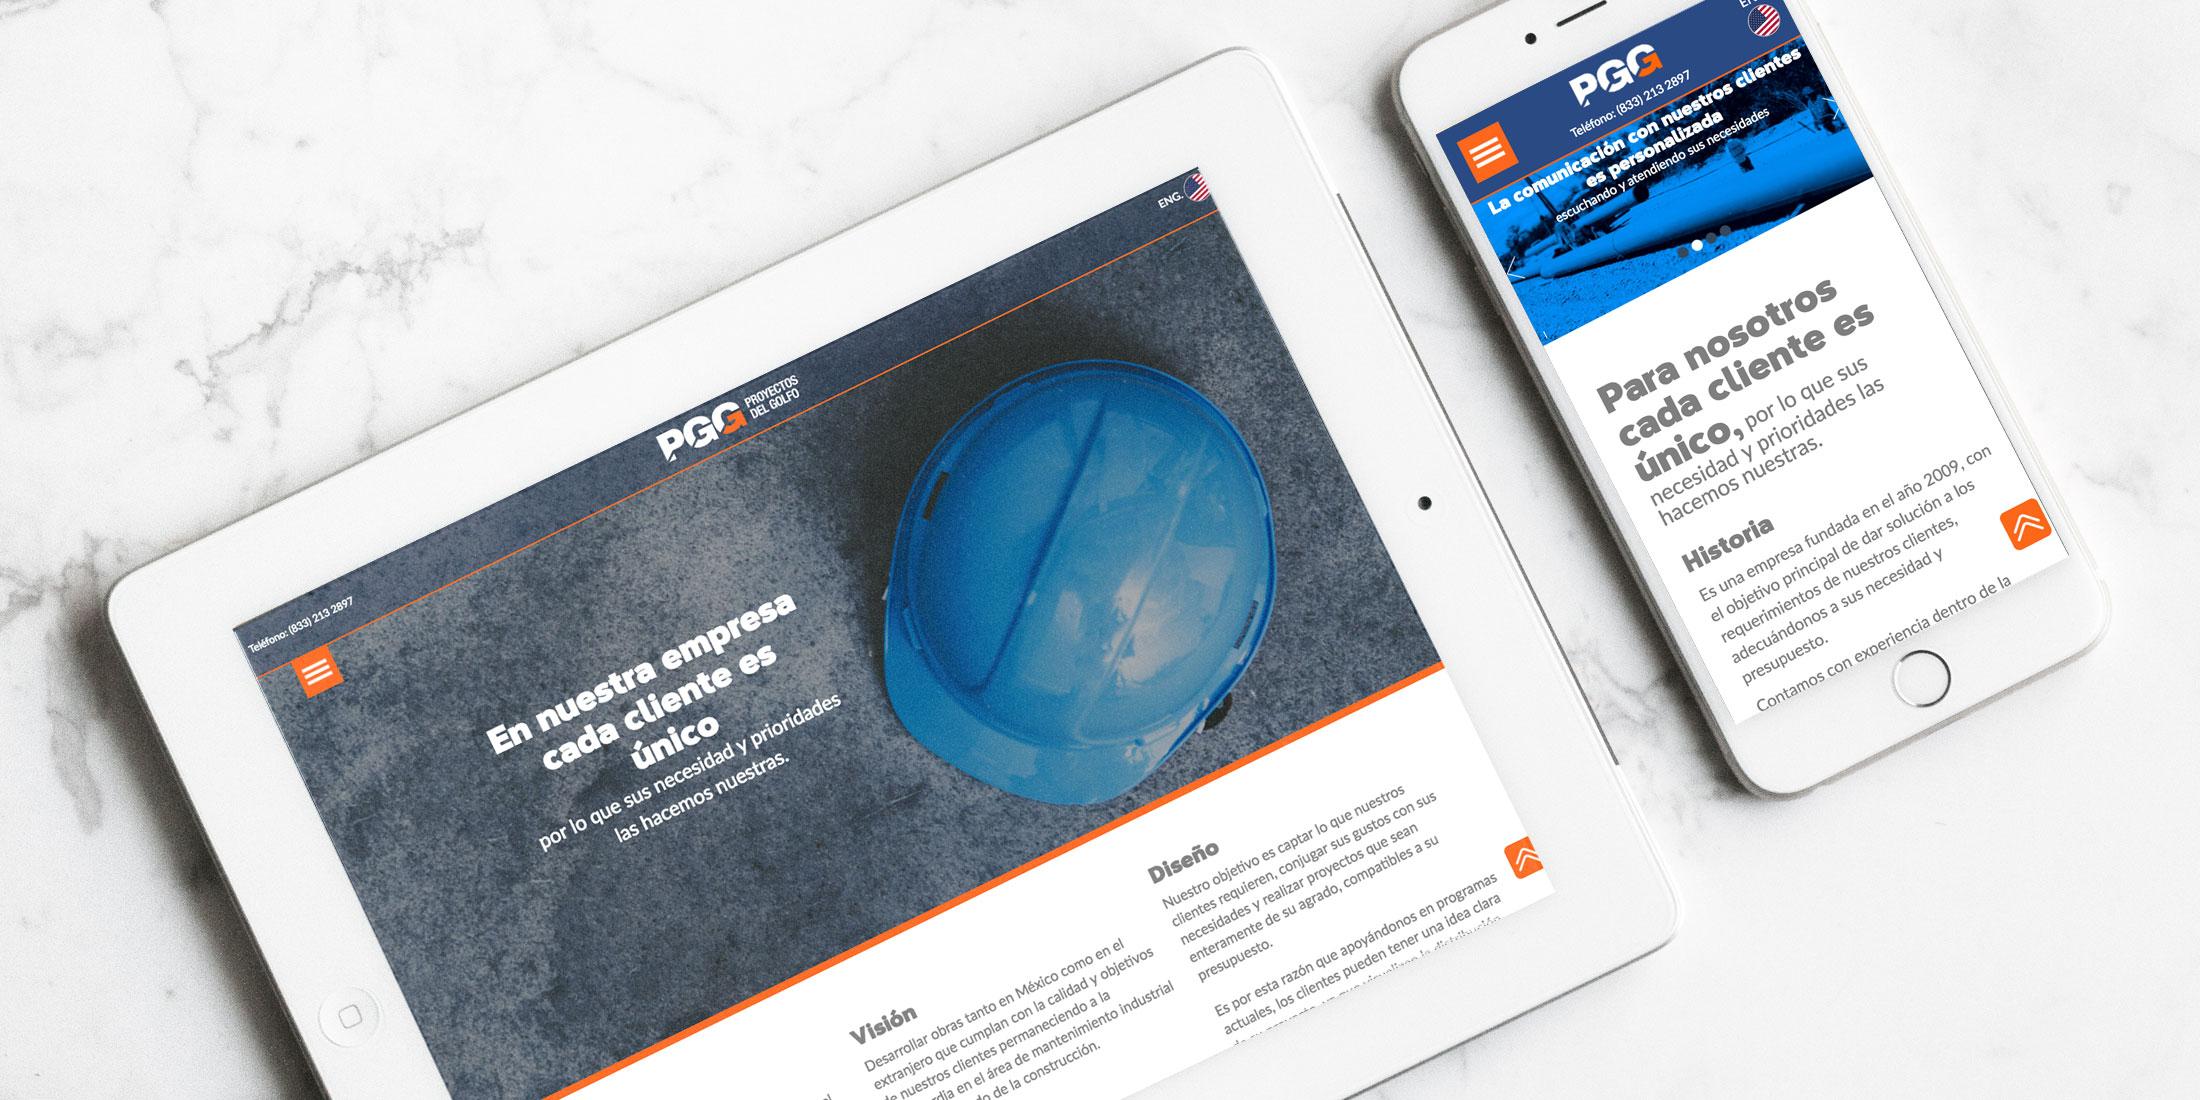 Diseño Web Constructora Tampico Proyectos del Golfo - Lilian Feres